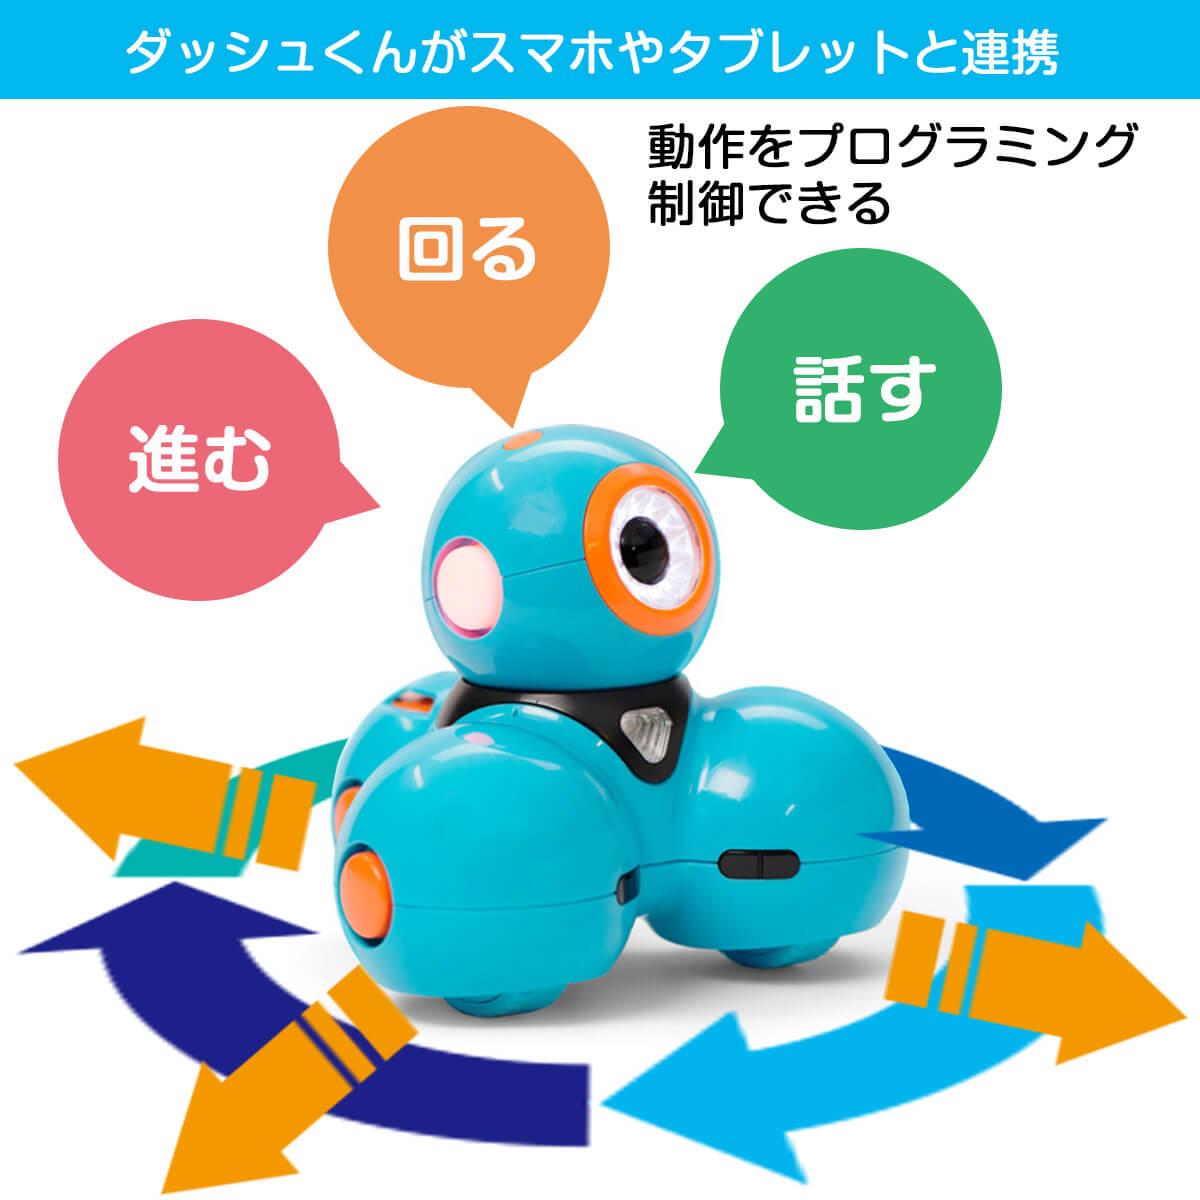 【正規品】 ダッシュくん プログラミングおもちゃ プログラムロボ 考える力 発想力 知育玩具 ダッシュ 電脳サーキット